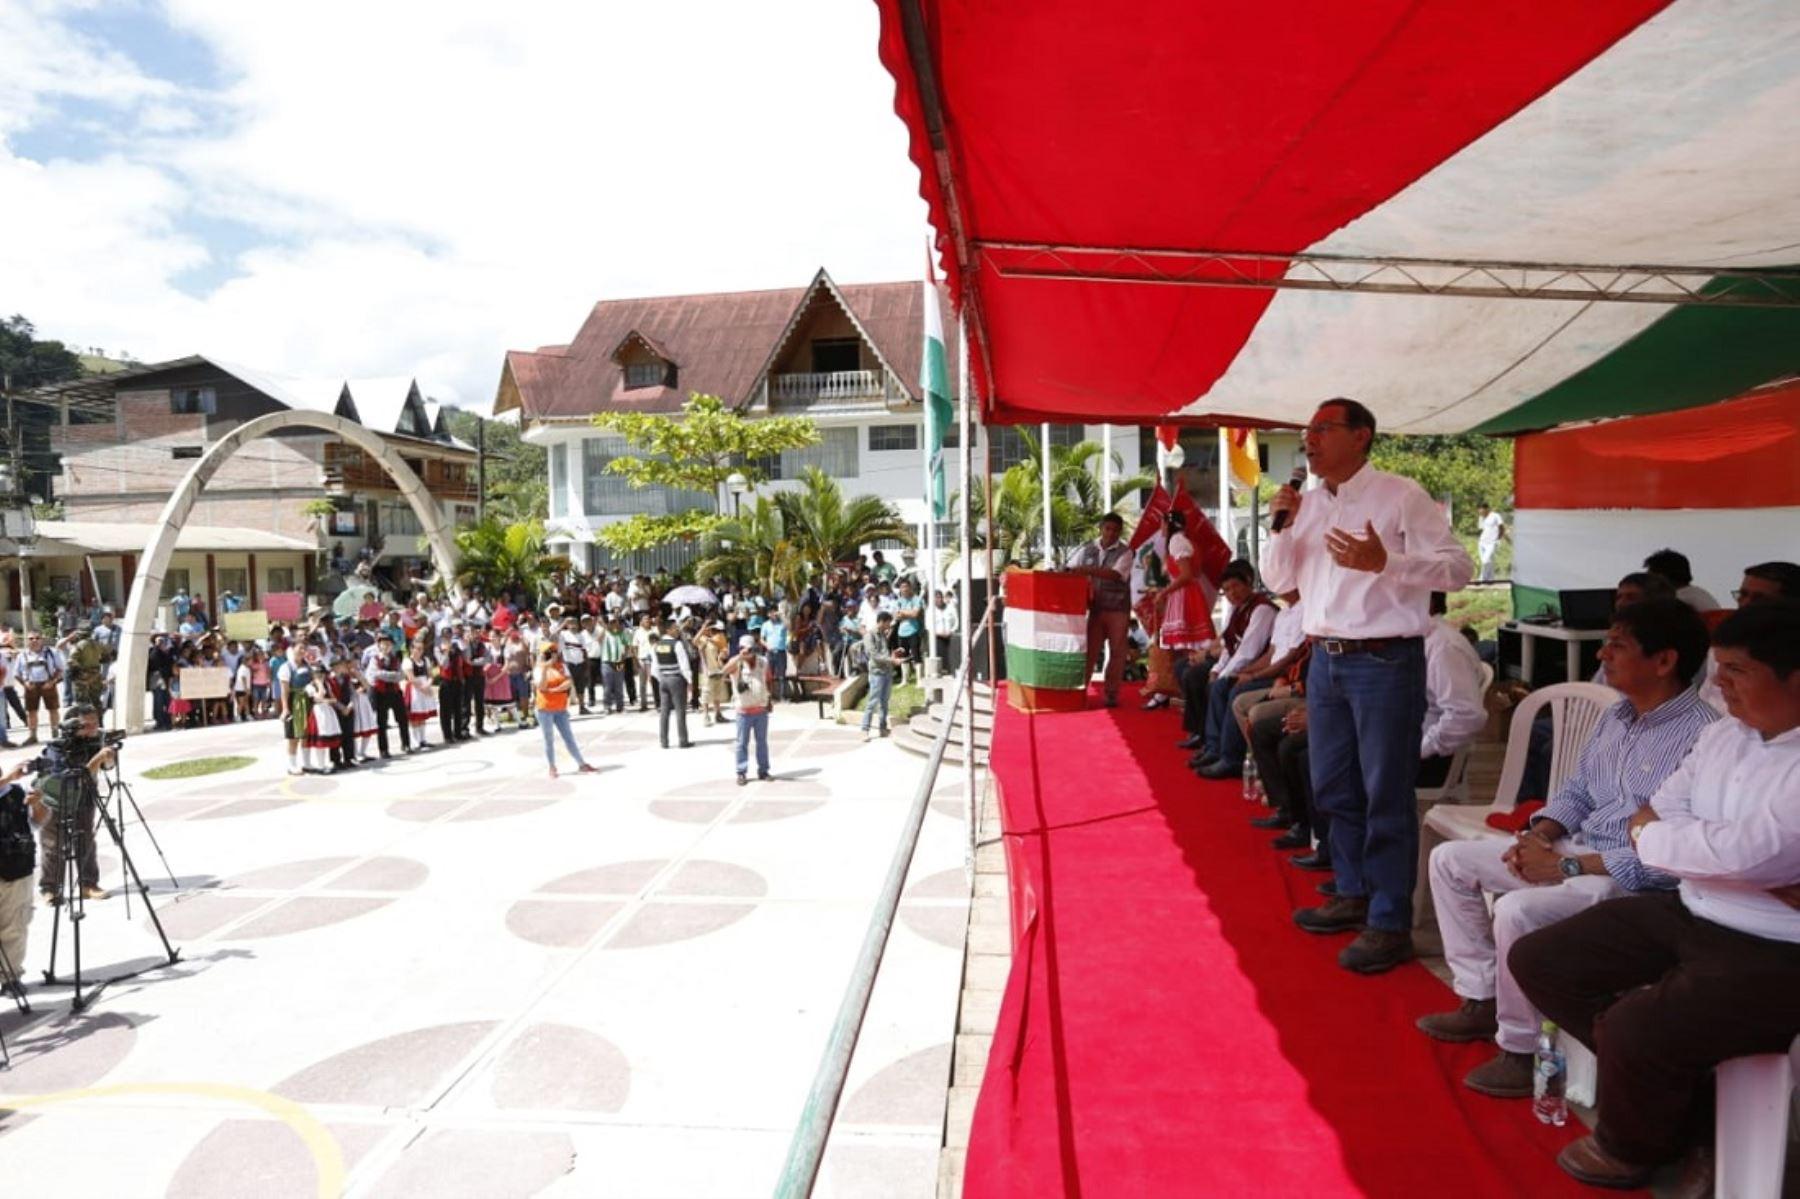 Jefe del Estado cumple actividades oficiales en Oxapampa, región Pasco.